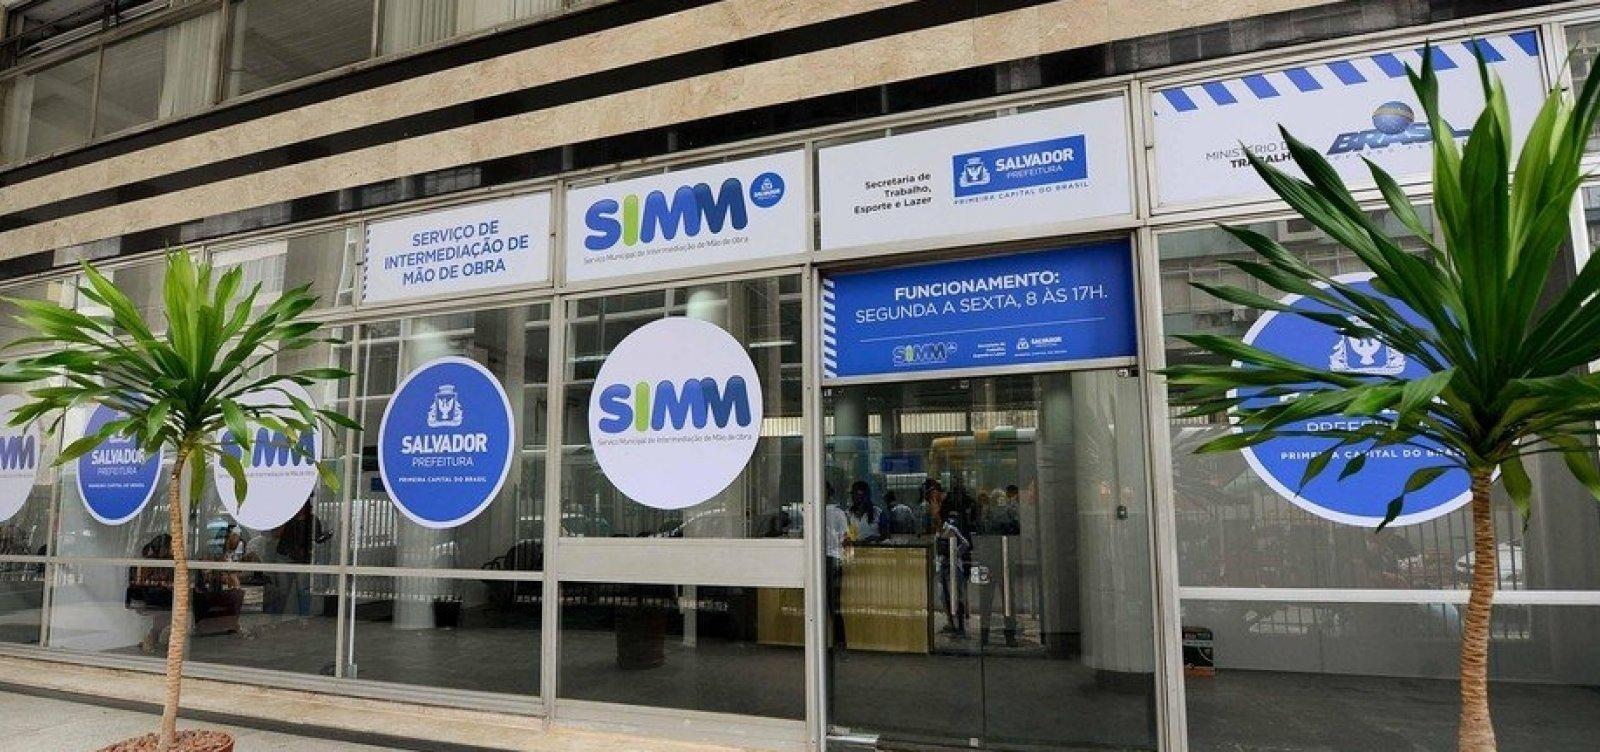 Simm abre 20 vagas de emprego em Salvador